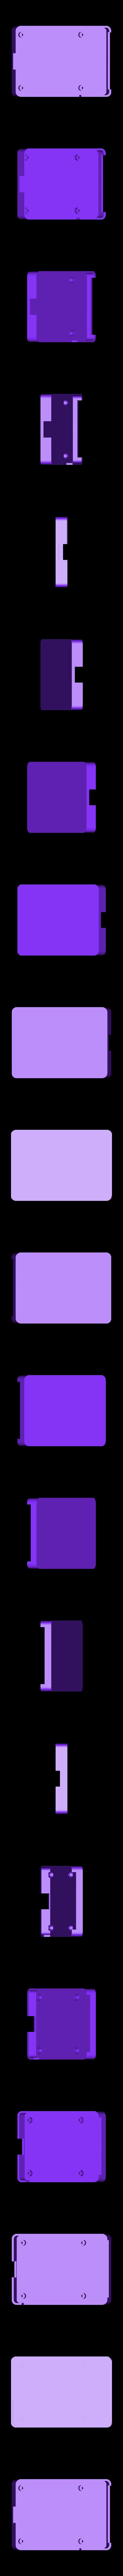 pi-case-bottom.stl Télécharger fichier STL gratuit CNC Wood Case for Raspberry Pi 3 • Design imprimable en 3D, Adafruit